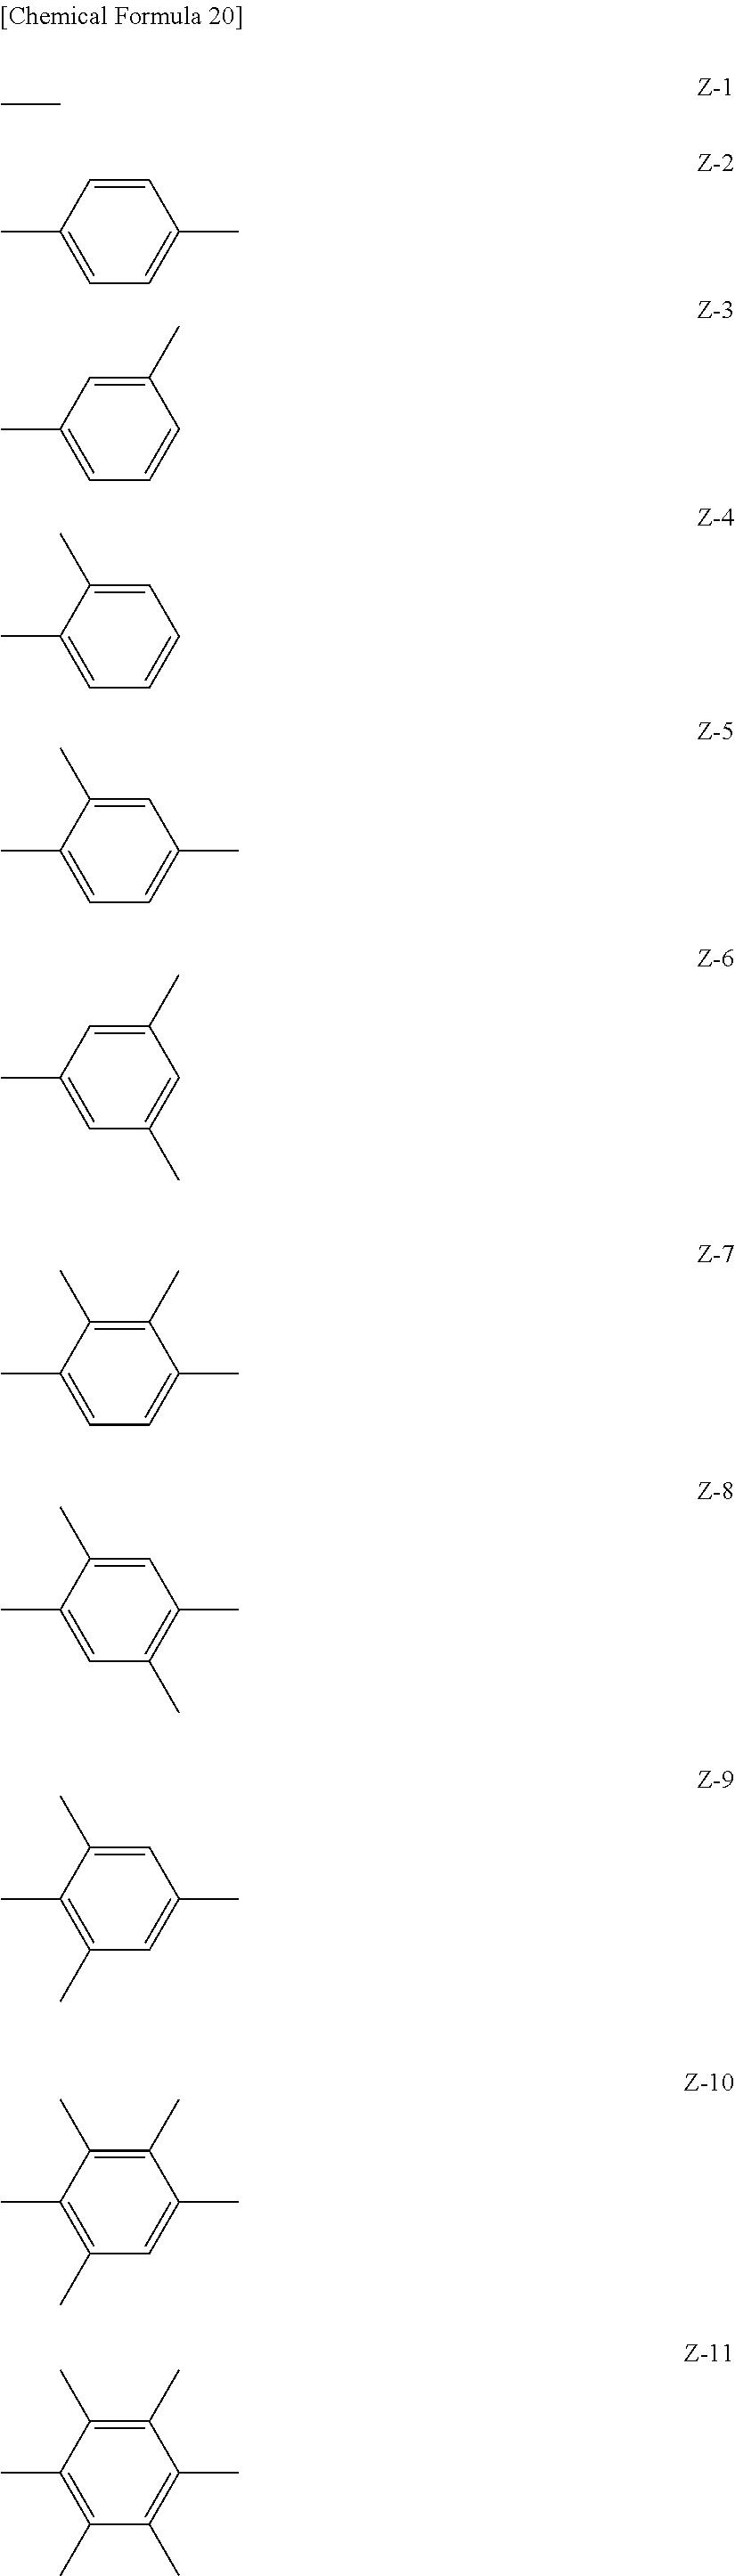 Figure US20110215312A1-20110908-C00032